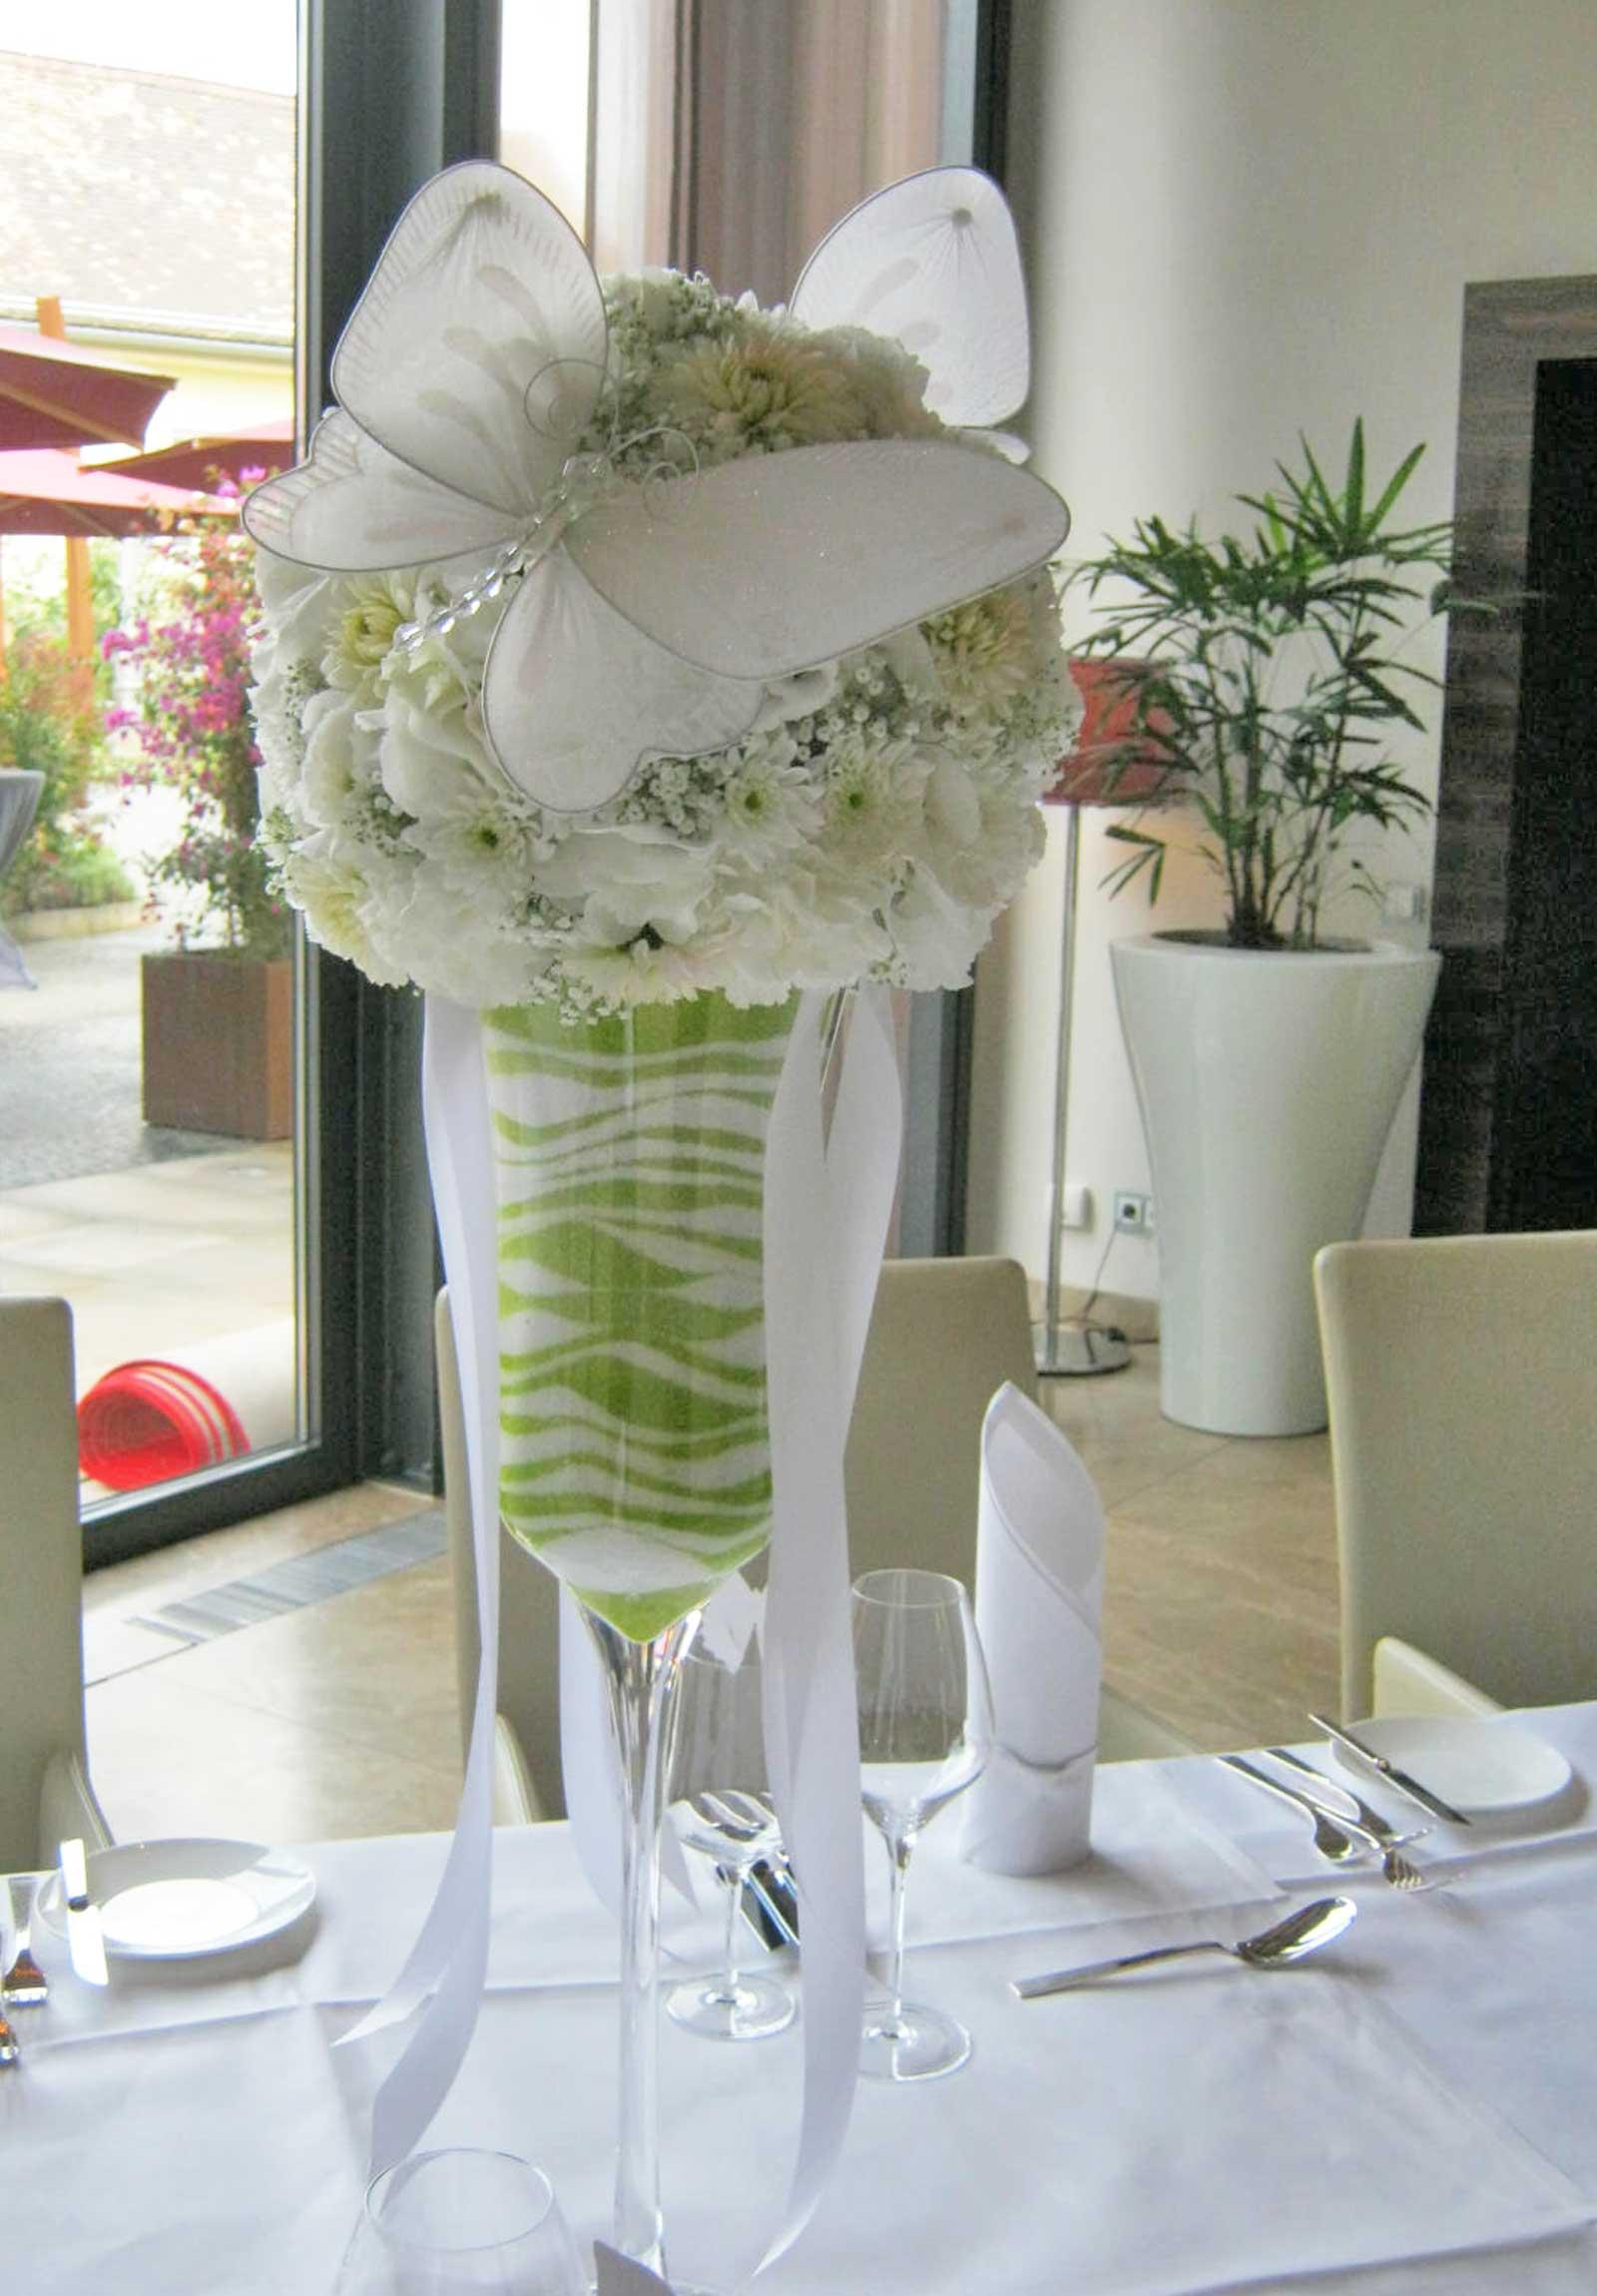 Location und Tischdekoration - Blumen & Dekoration Frankenthal